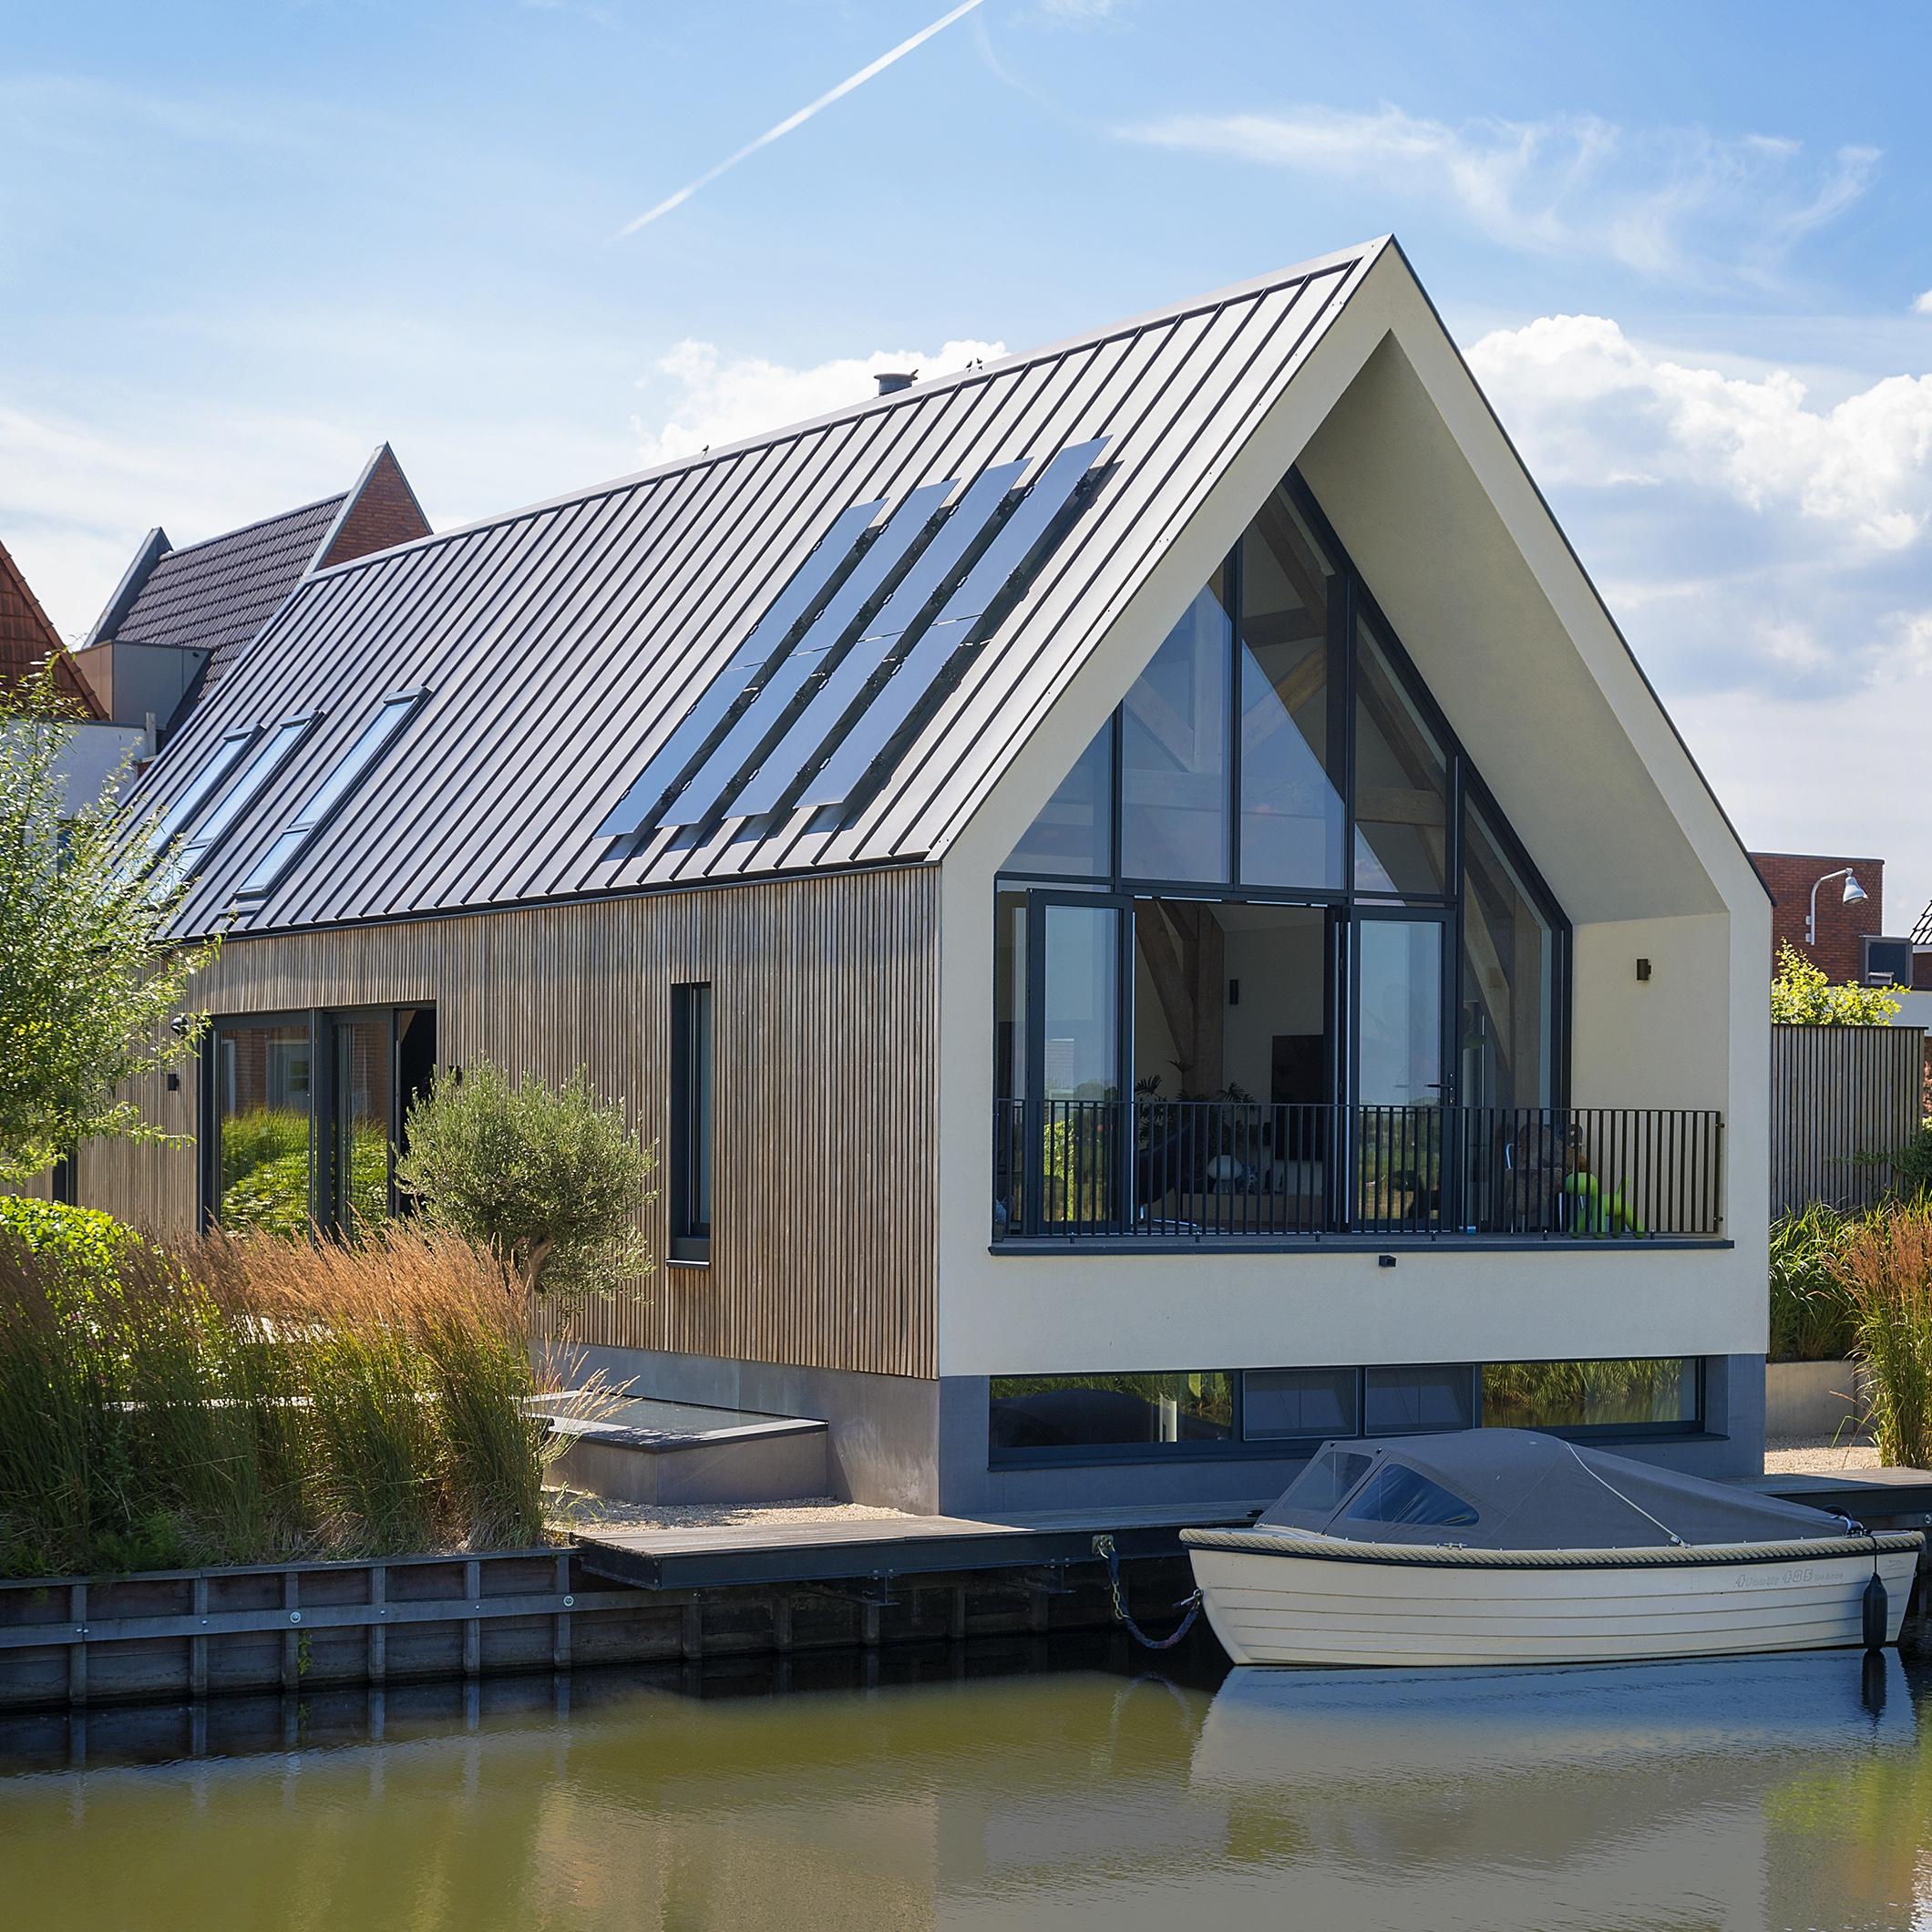 GreenCoat®-tuotteiden korkea laatu ja monipuolisuus mahdollistavat vaativimpienkin rakennuskohteiden toteuttamisen tyylikkäästi. Useat GreenCoat®-teräksestä valmistetut rakennukset ovatkin voittaneet erilaisia kansallisia ja kansainvälisiä arkkitehtipalkintoja.